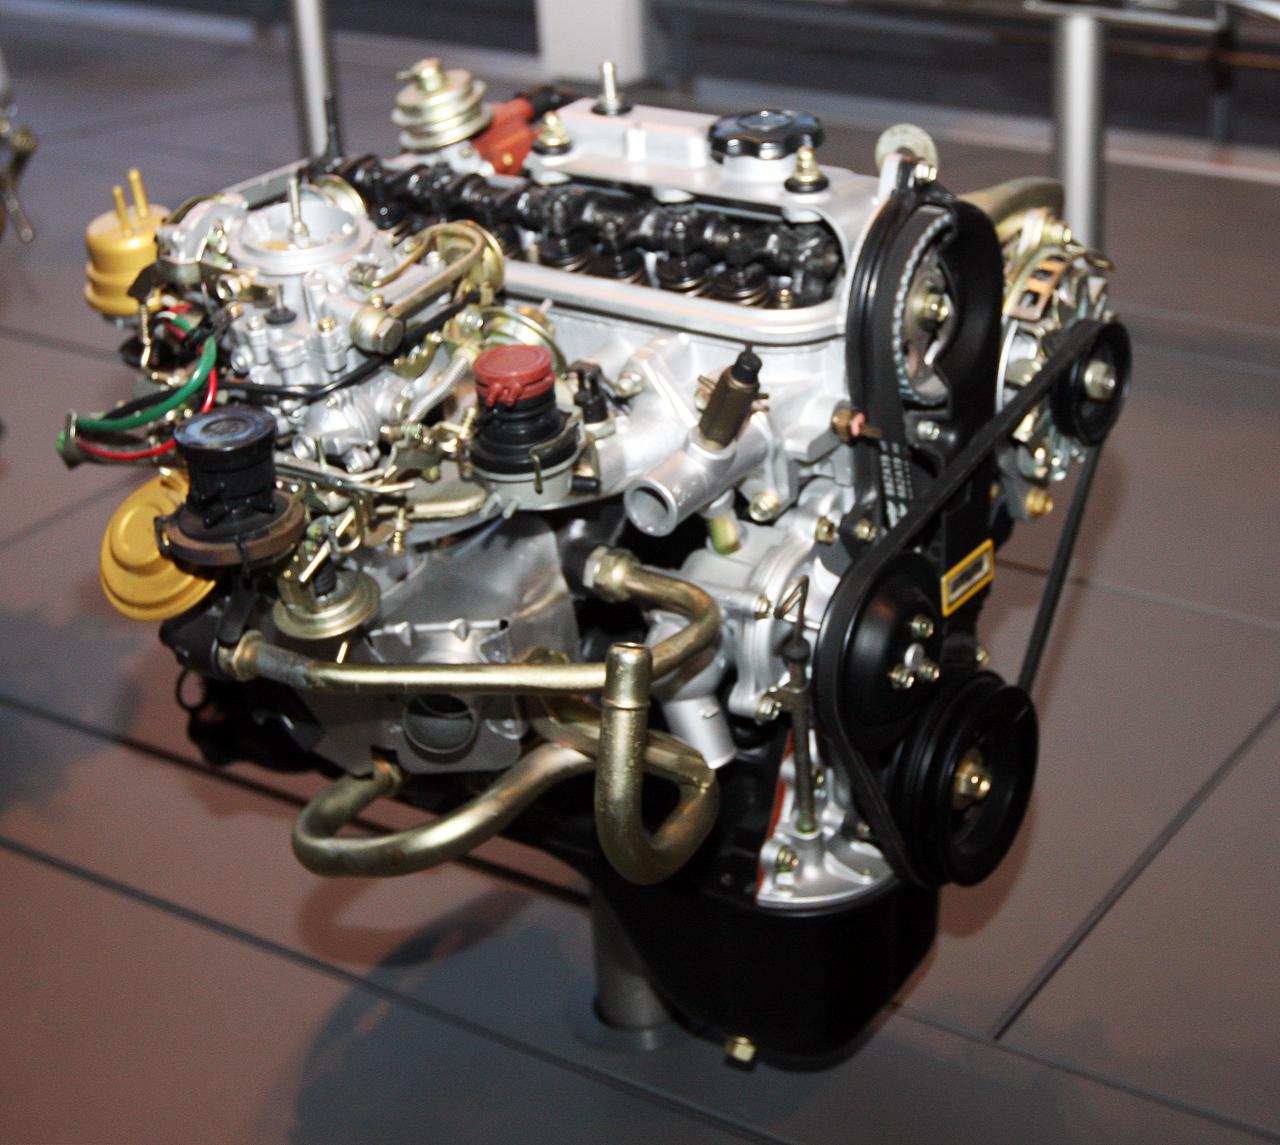 Best Turbo Diesel Car Engine